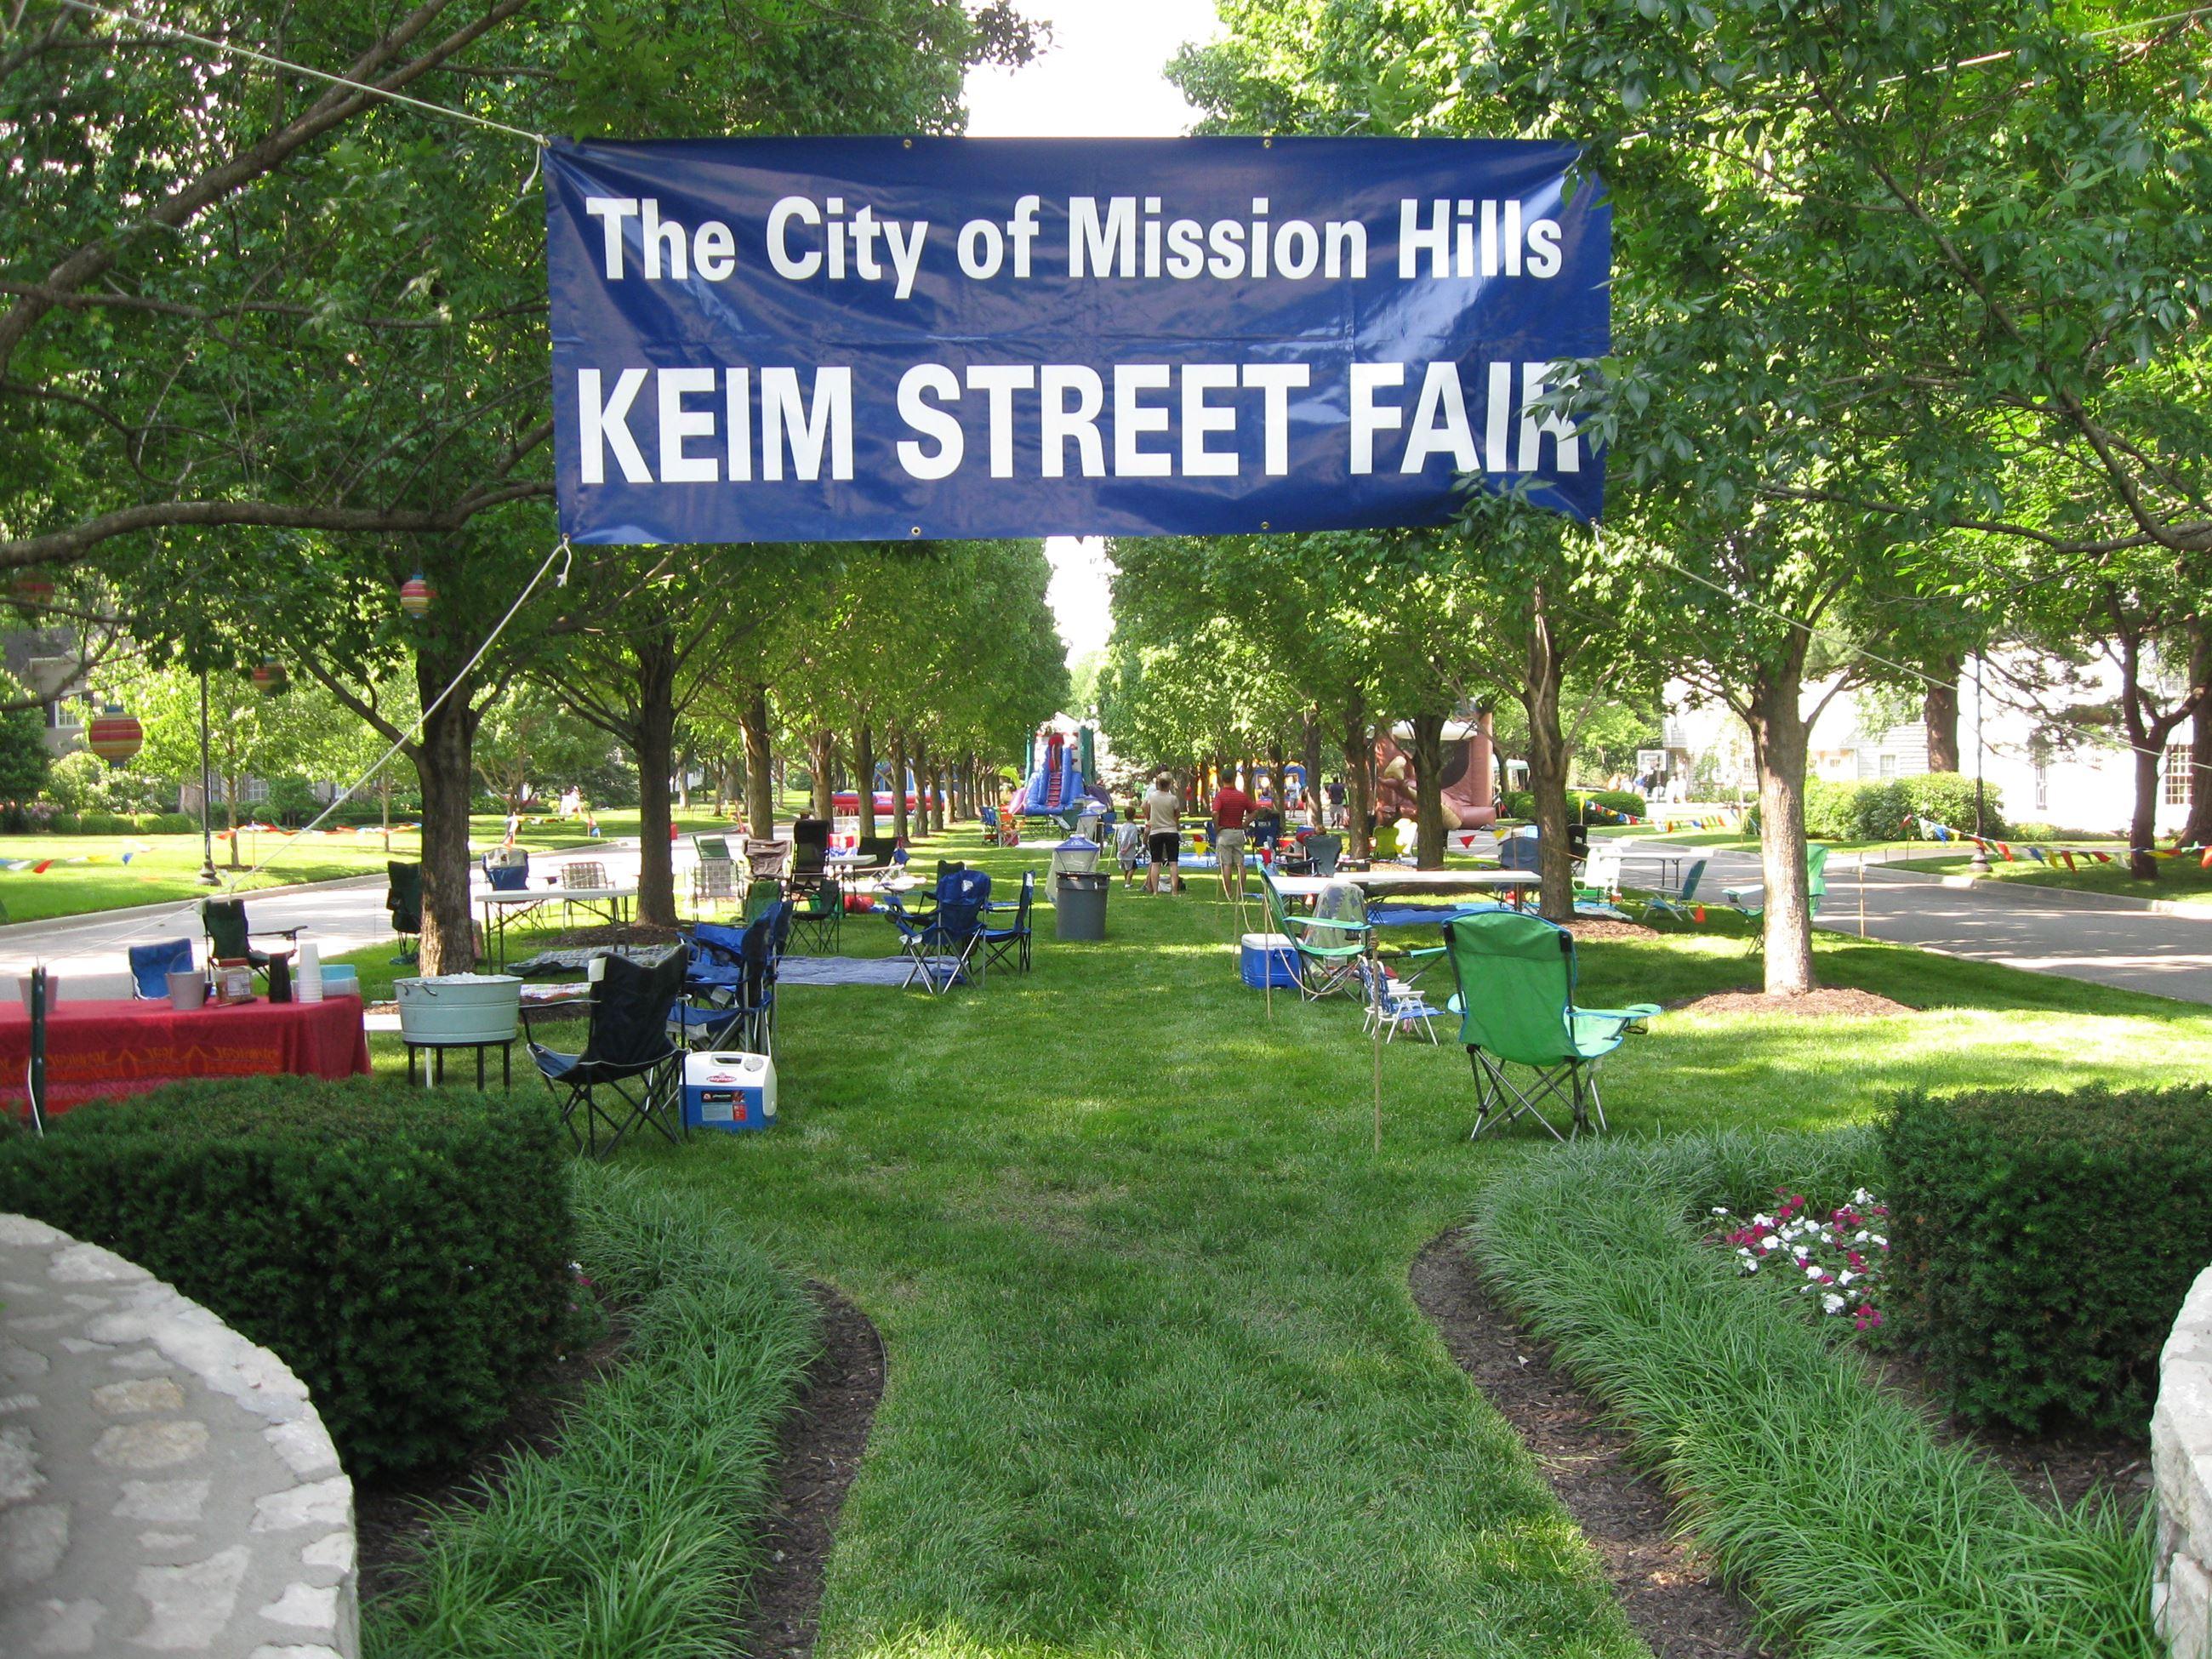 Keim Street Fair